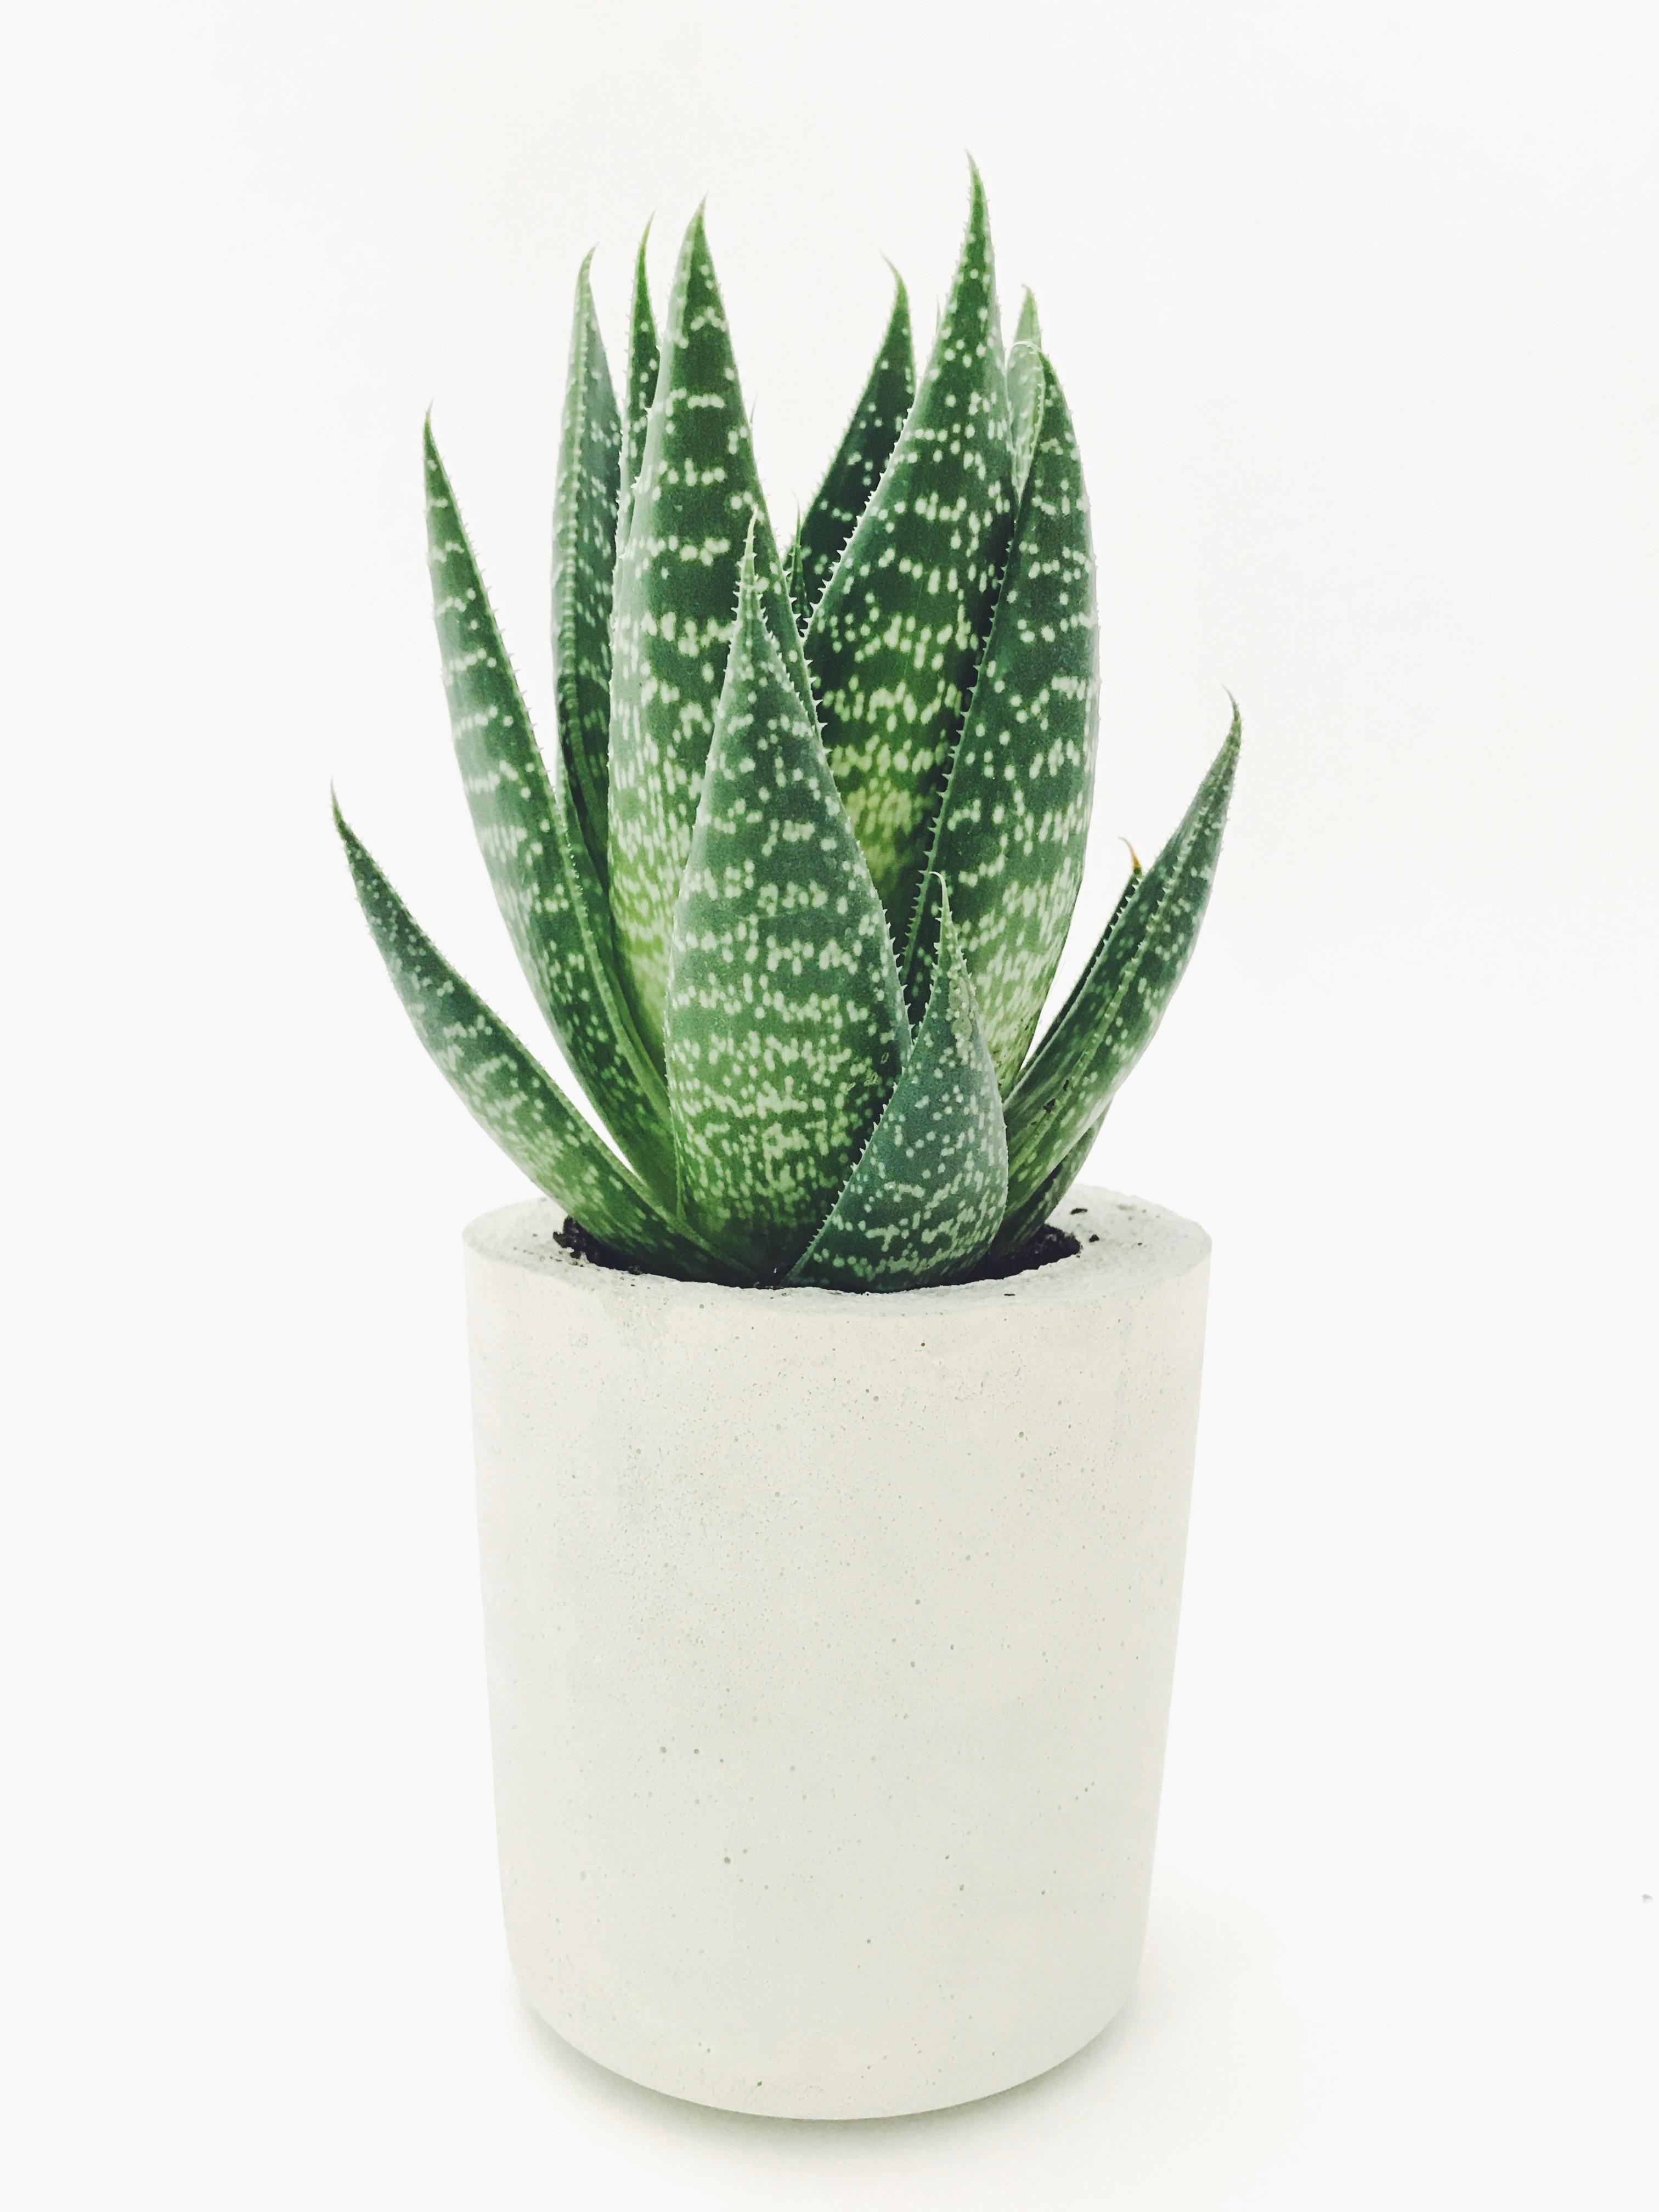 Aloe vera in white pot